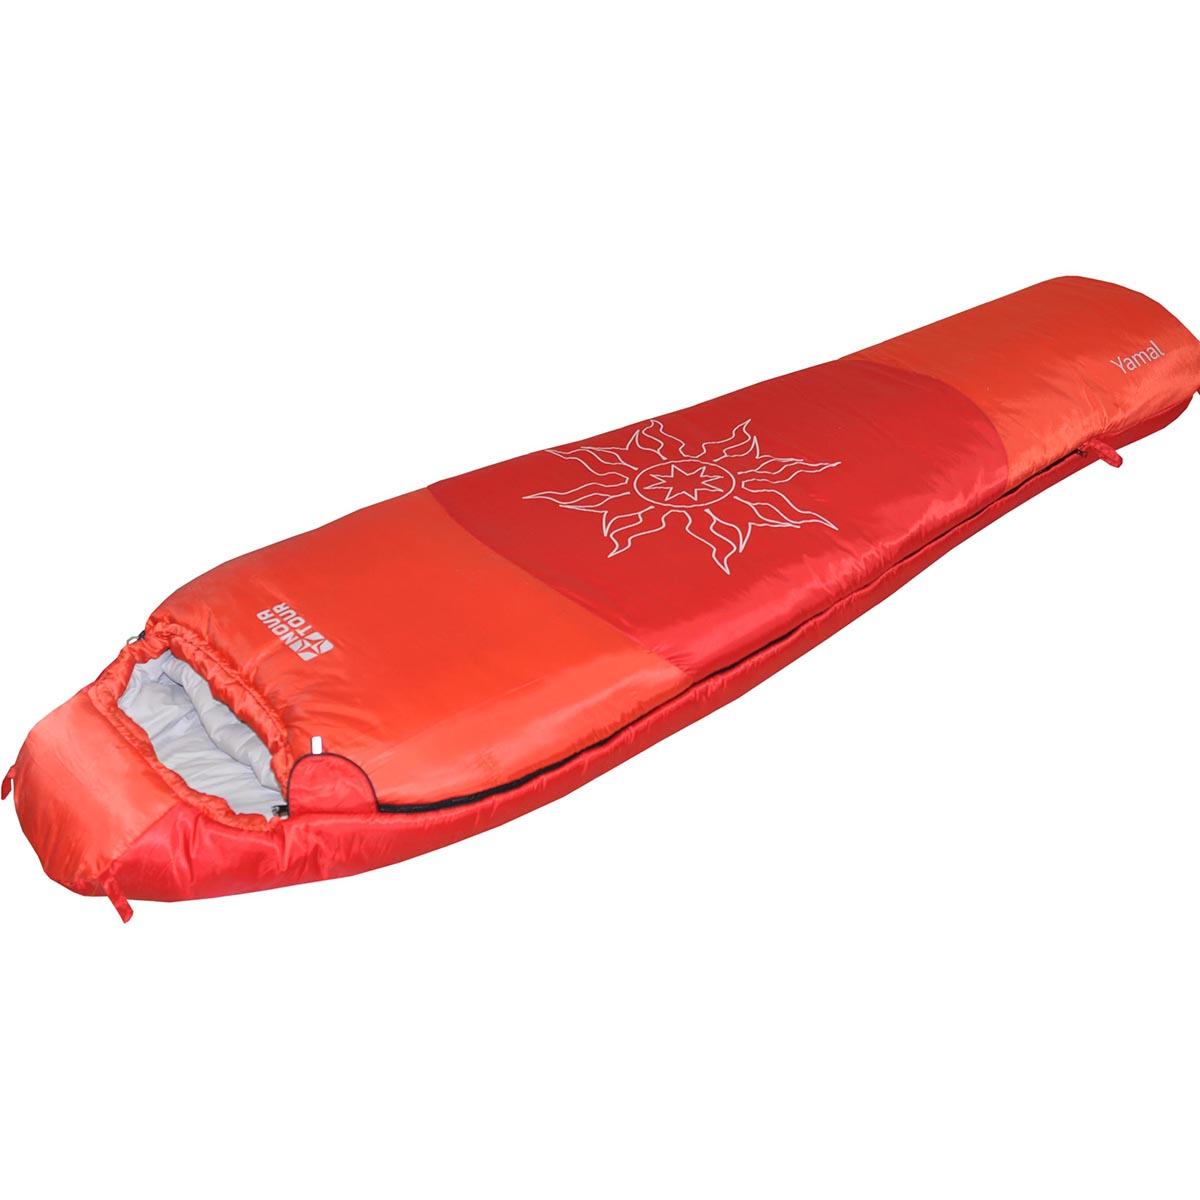 Спальный мешок Nova Tour Ямал -30 V2, цвет: красный, левосторонняя молния95419-001-LeftСпальный мешок конструкции - кокон и синтетическим наполнителем для использования при очень низких температурах. Утягивающийся капюшон, шейный воротник - сохраняют тепло. Двухзамковая молния позволяет состегнуть два спальных мешка левого и правого исполнения в один двойной. Компрессионный мешок в комплекте.